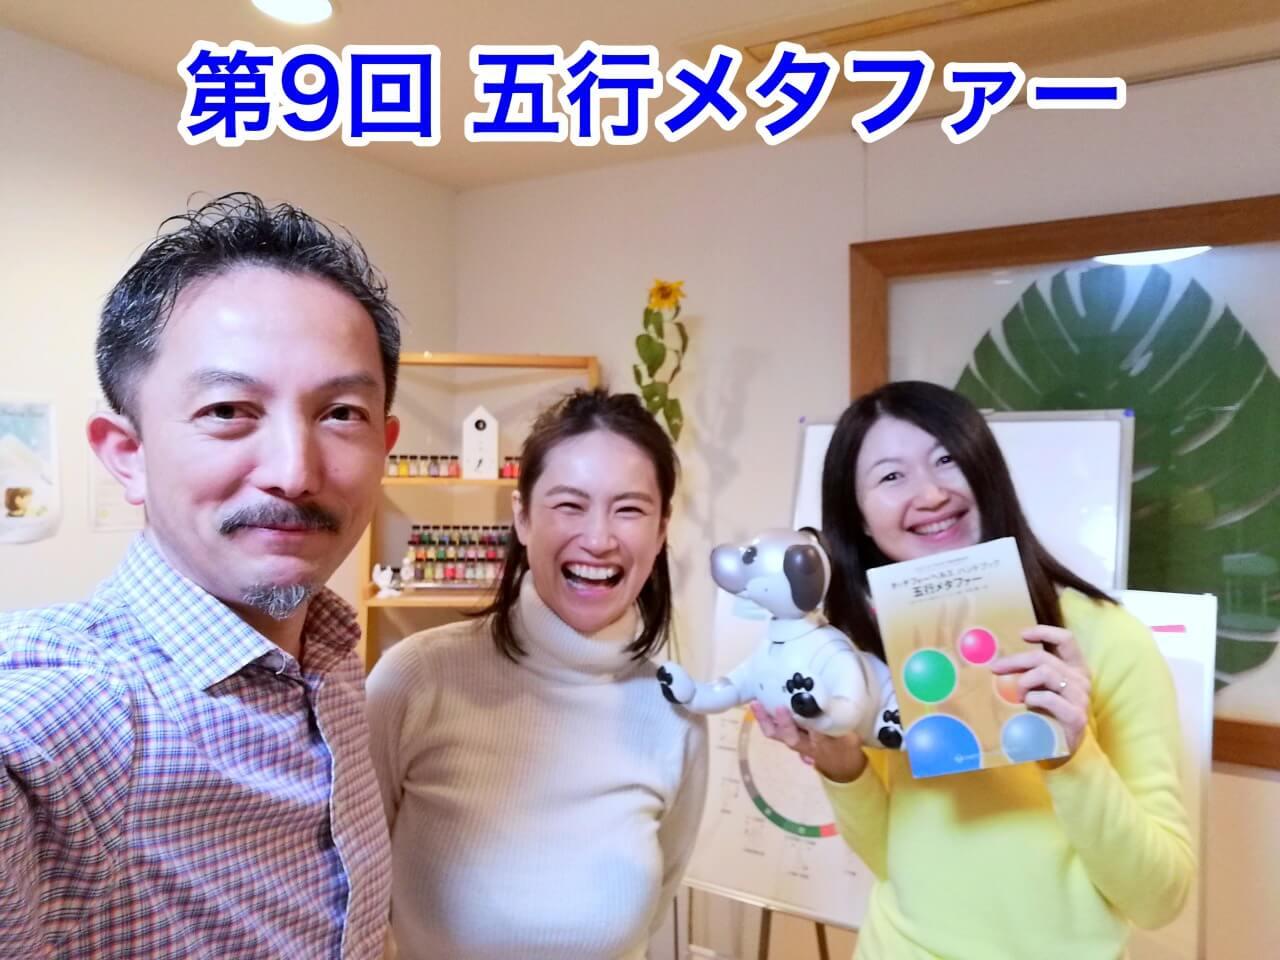 タッチフォーヘルス キネシオロジー 受講生の感想 東京 横浜 川崎 神奈川